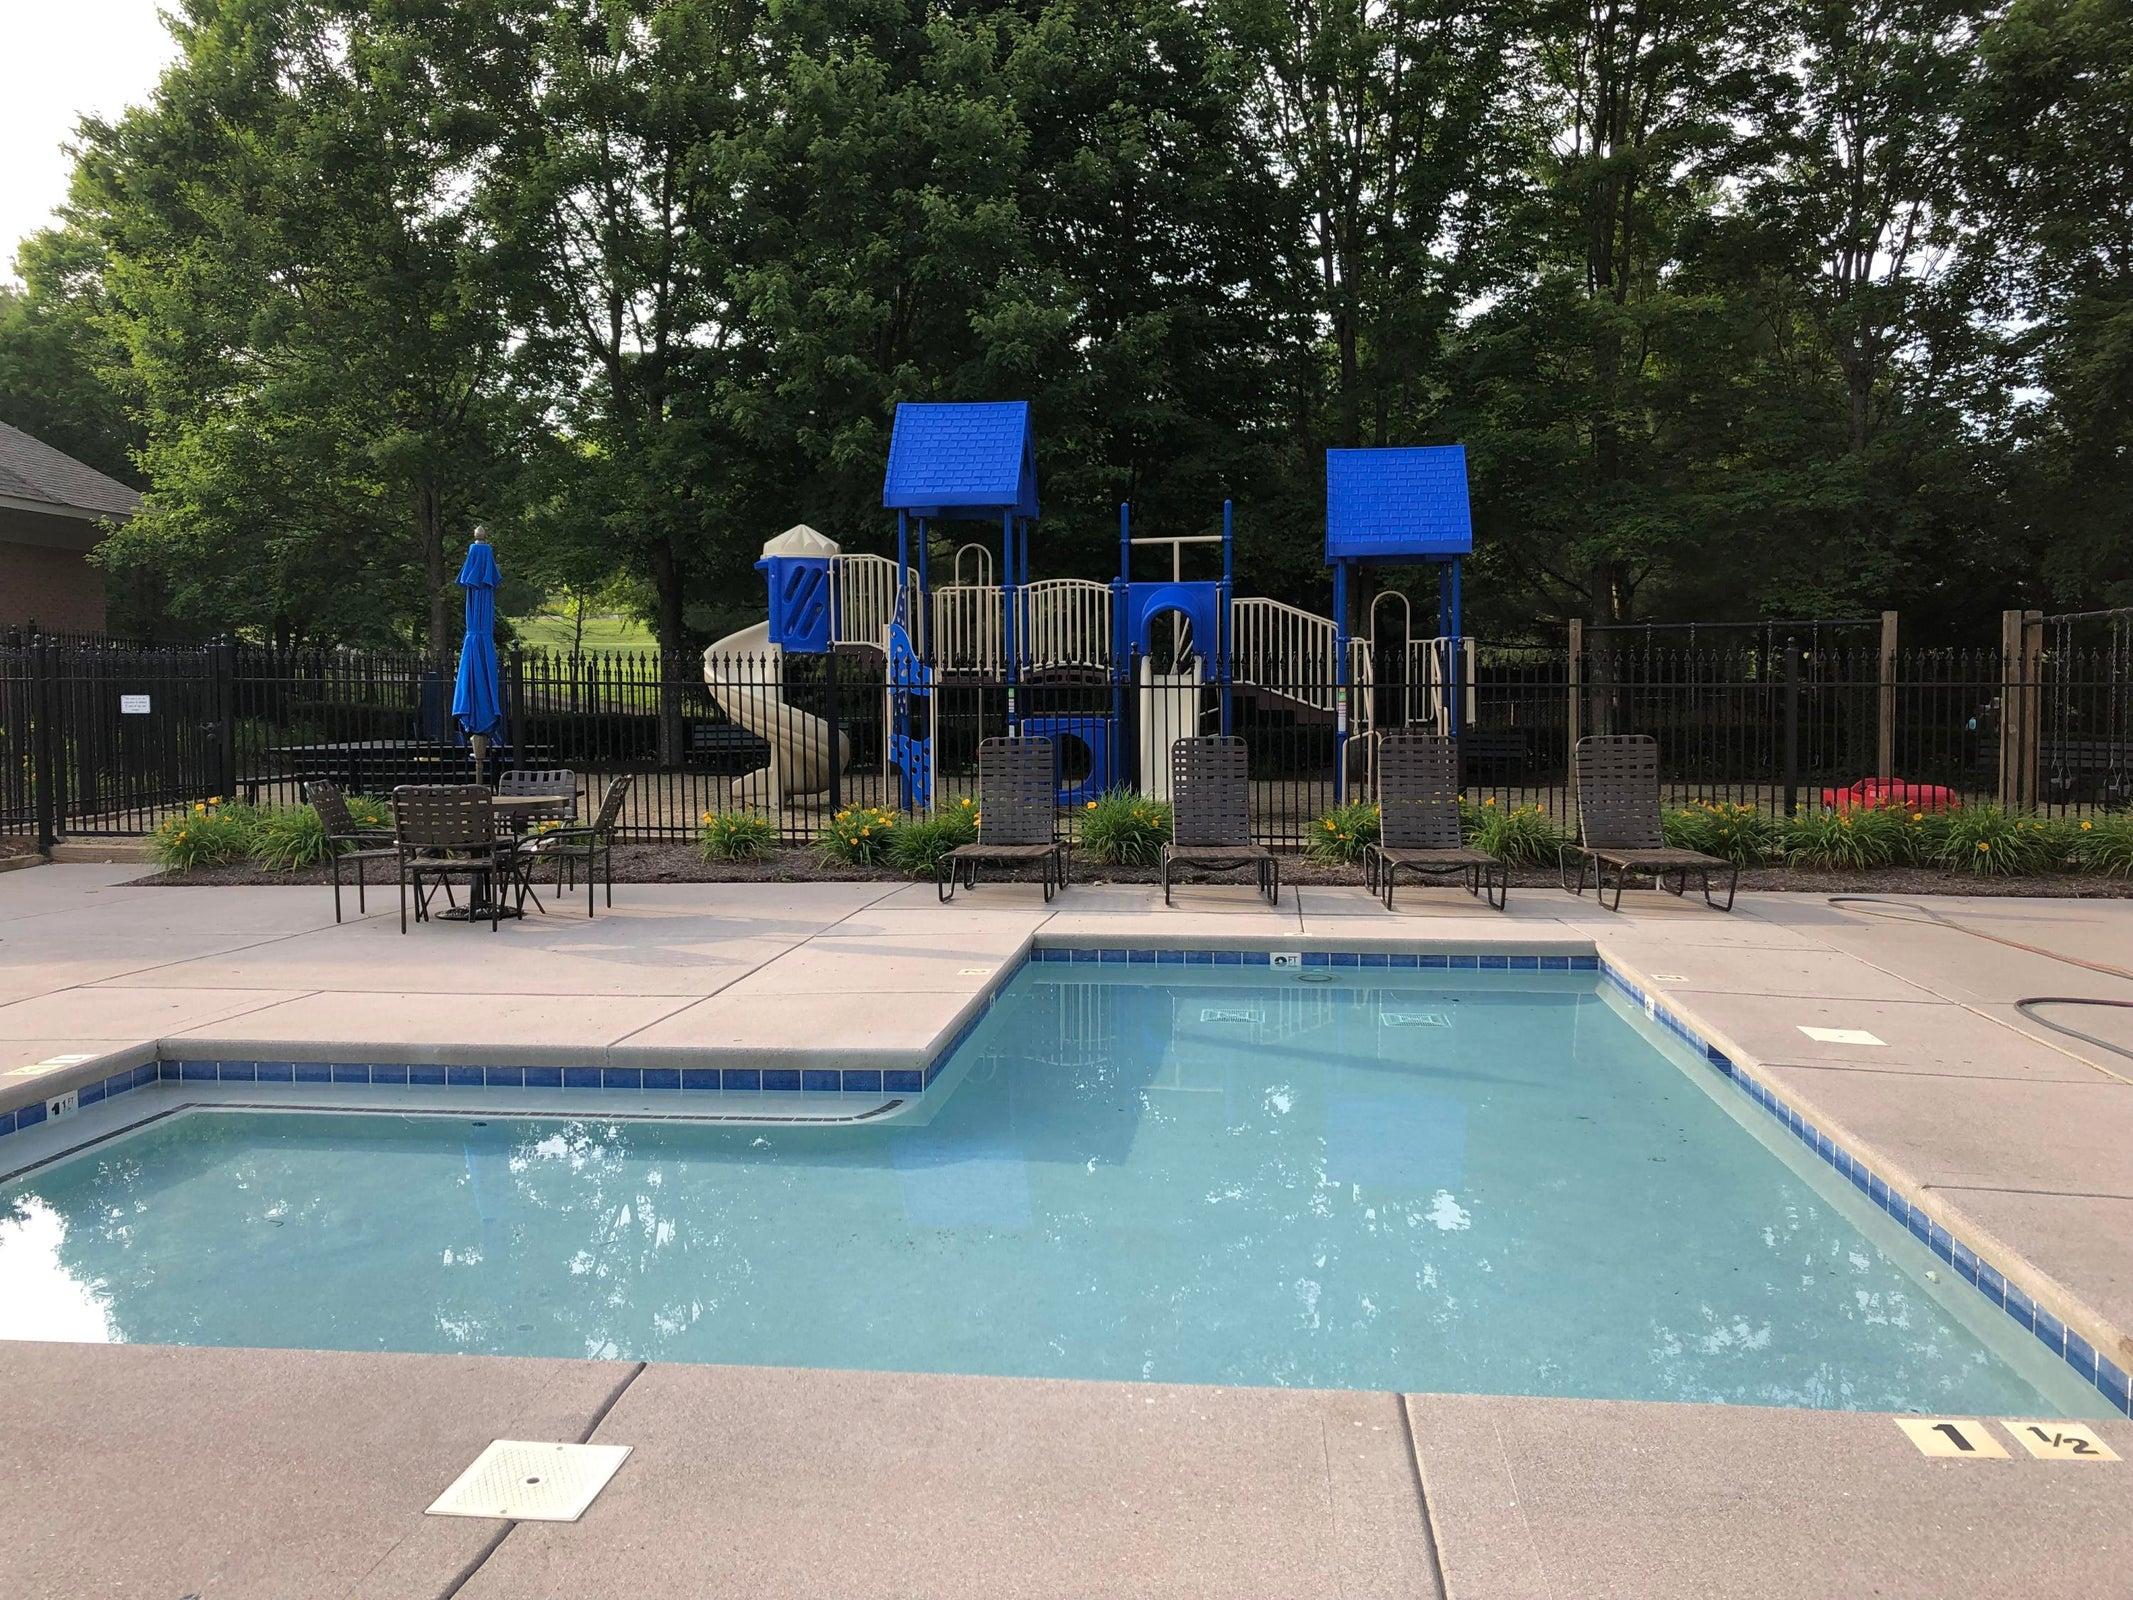 Toddler Pool & Playground